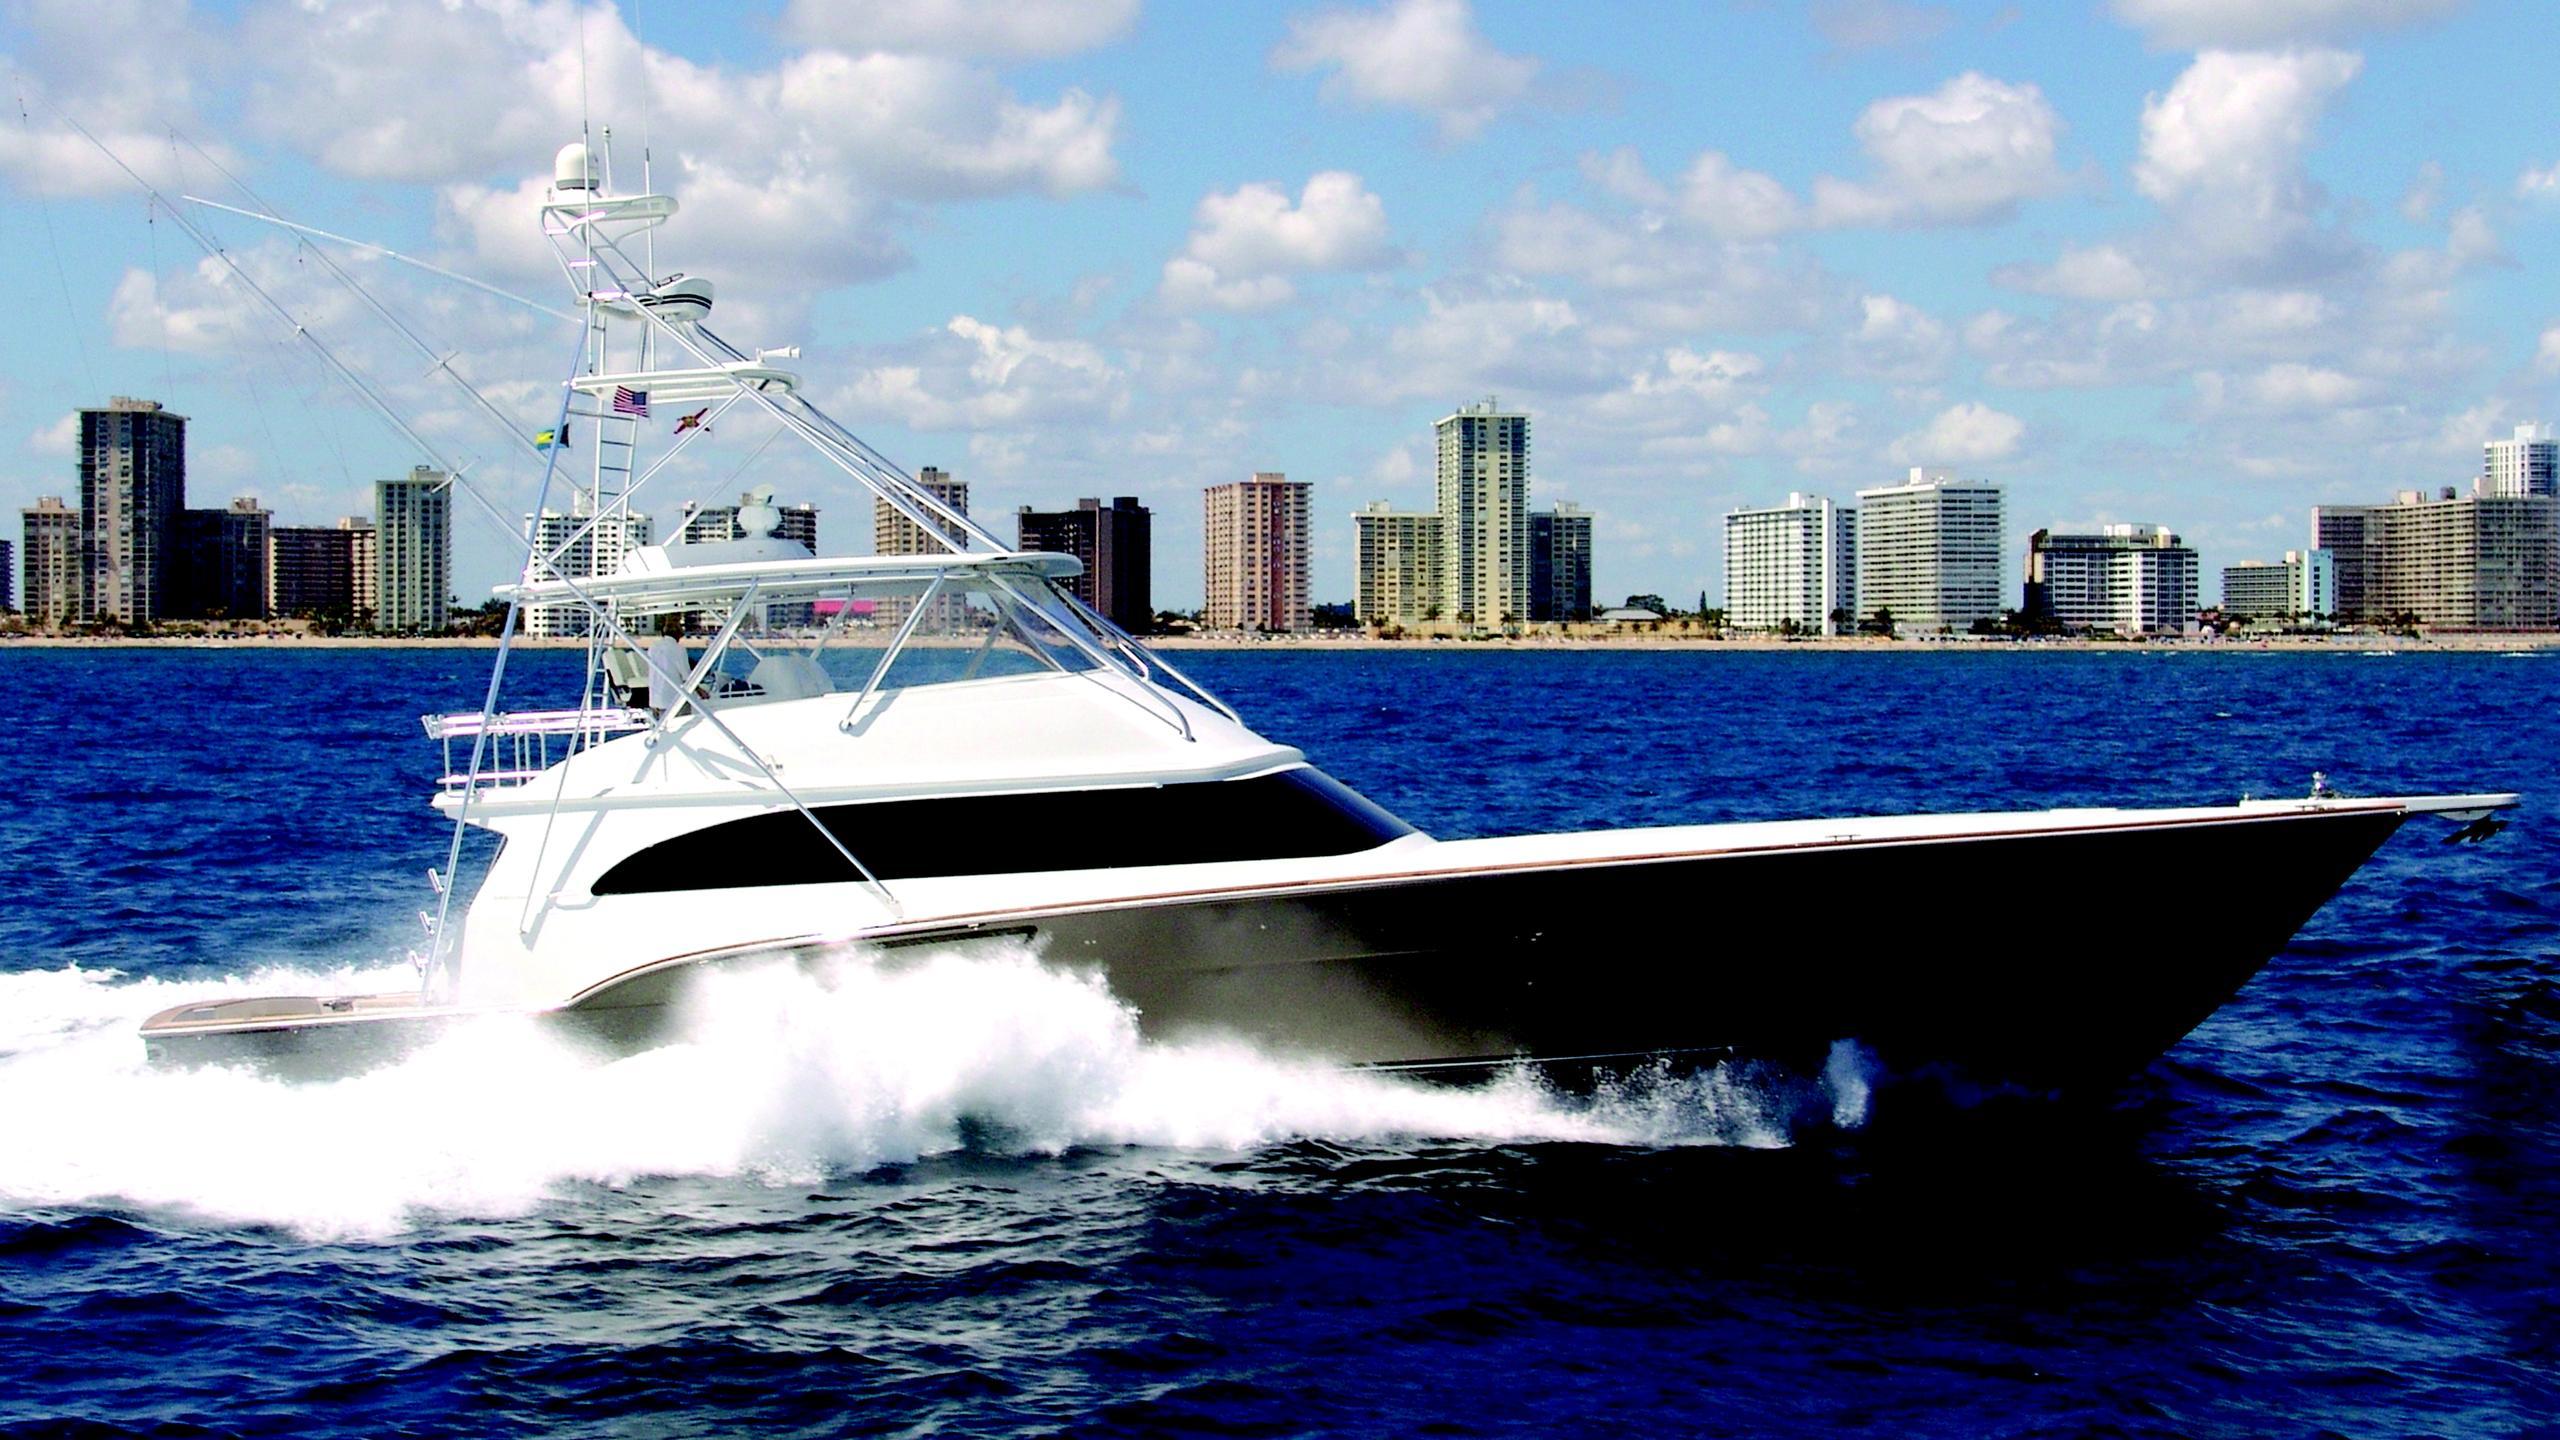 donzi-r80-yacht-cruising